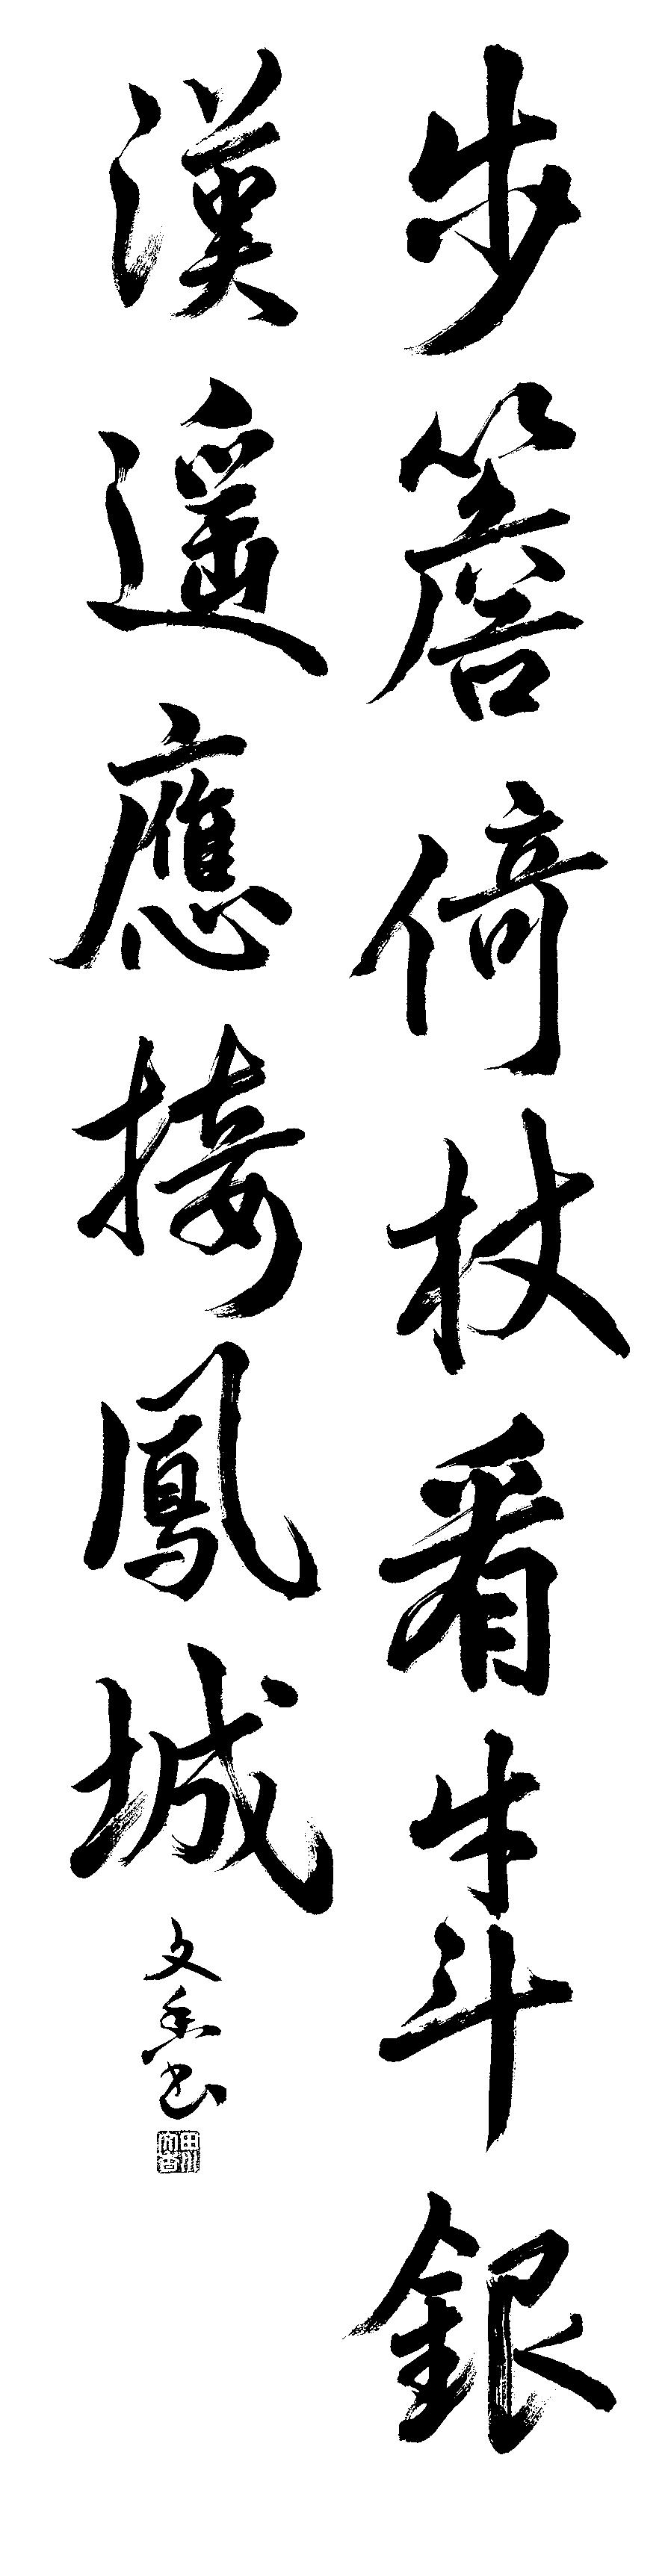 田川 文香